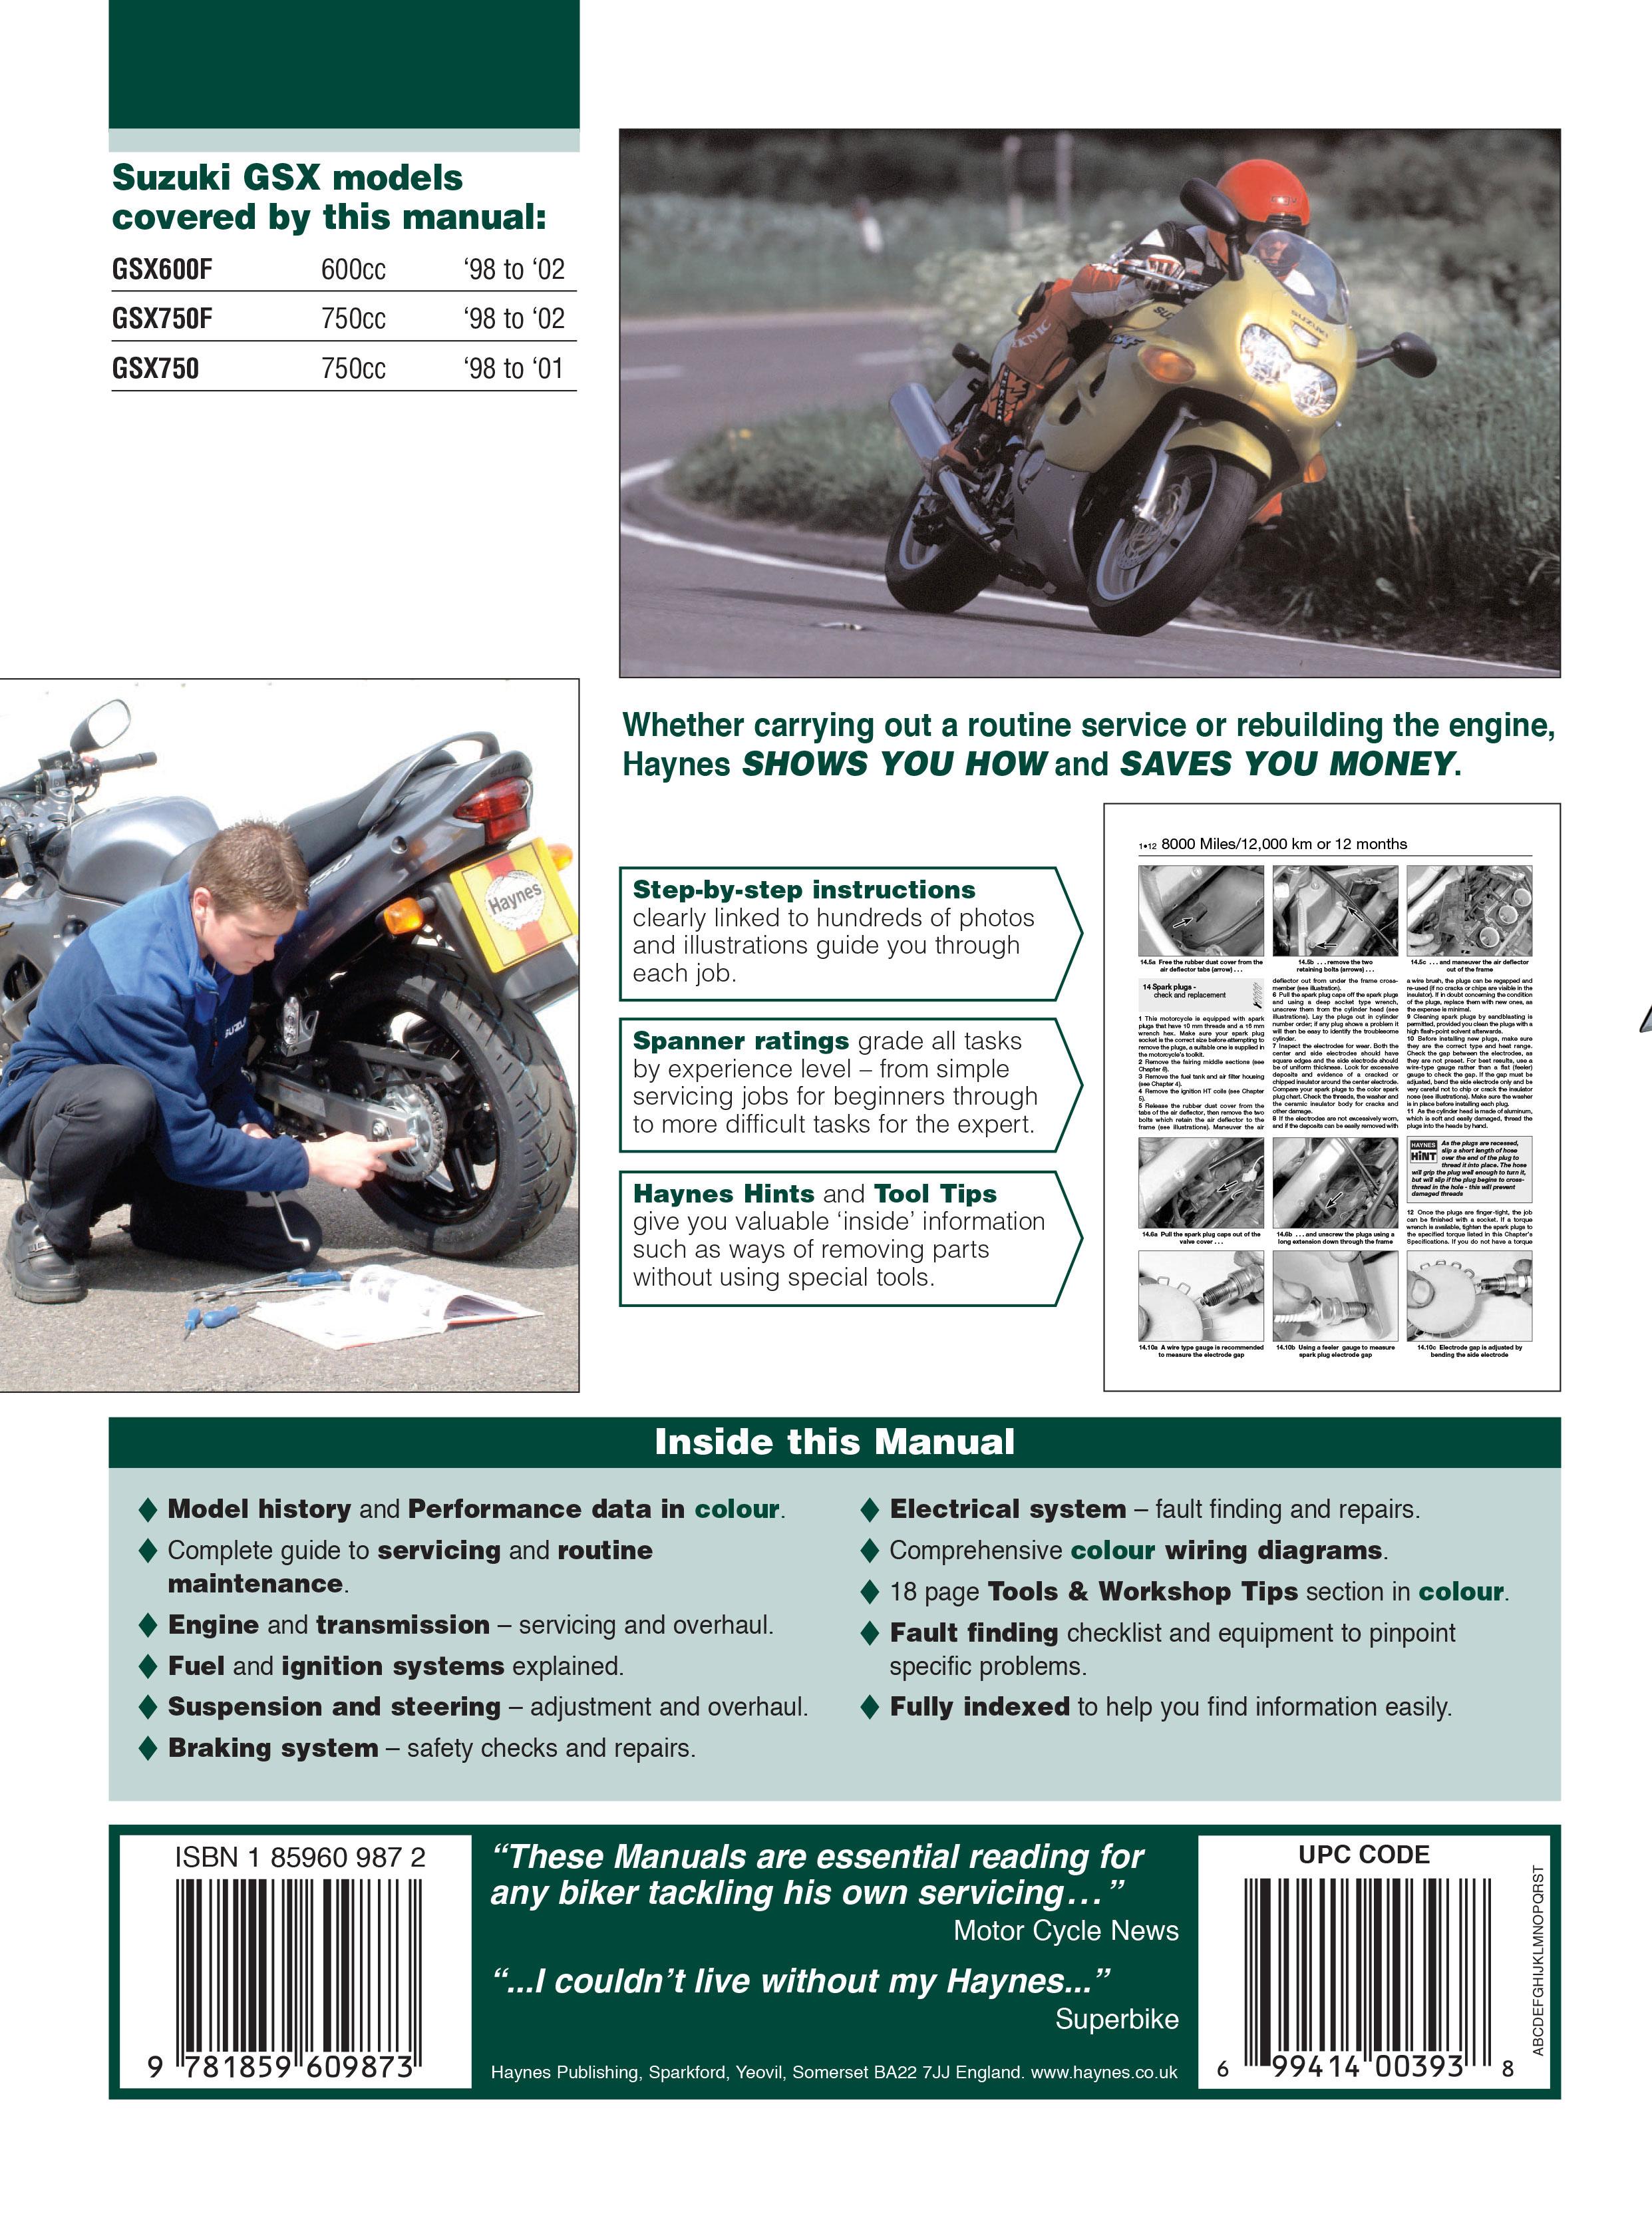 HAYNES Repair Manual - Suzuki GSX600F, GSX750F and GSX750 (1998-2002)